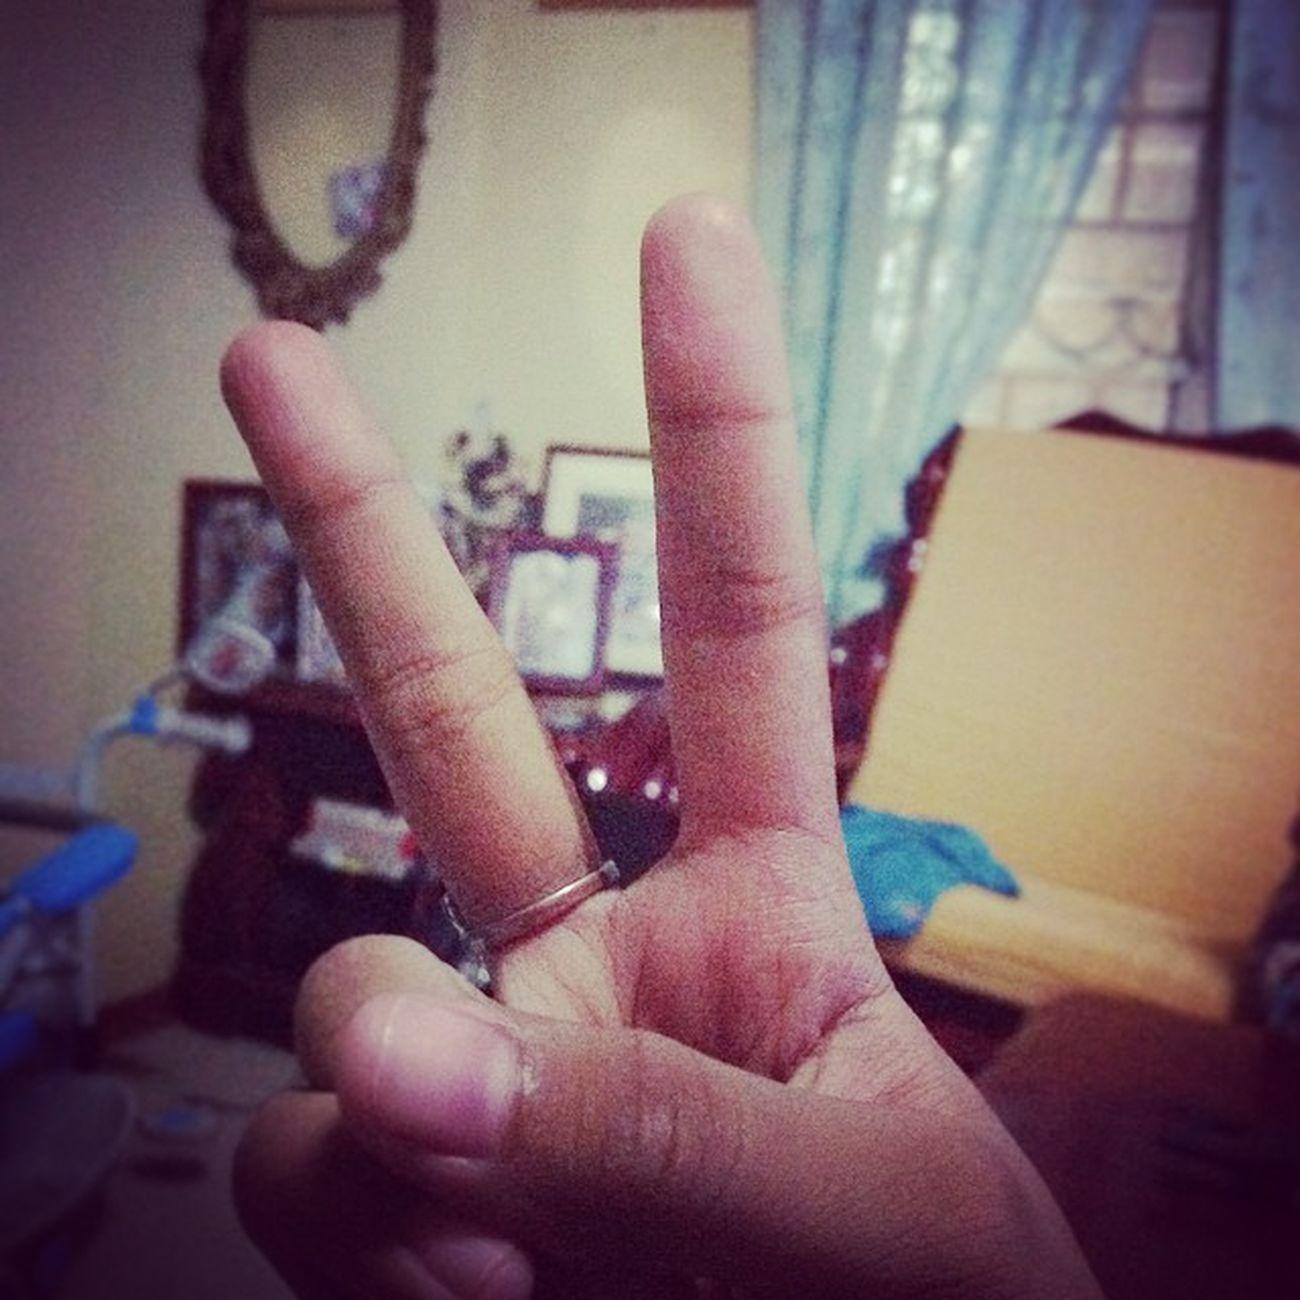 PEACE. Me Peace Yvonne